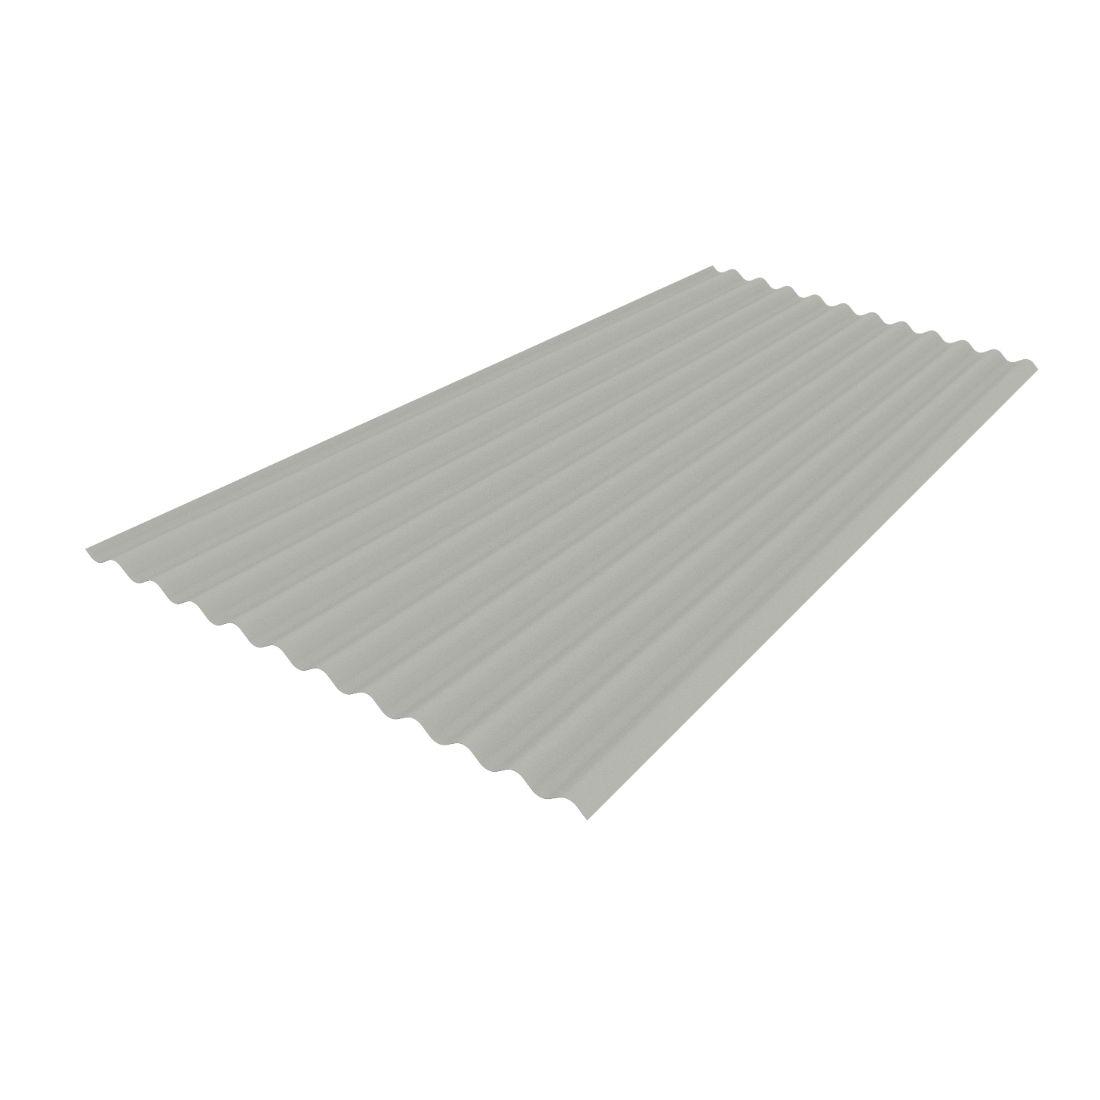 Corrugate Zincalume 0.40mm BMT 1.8m